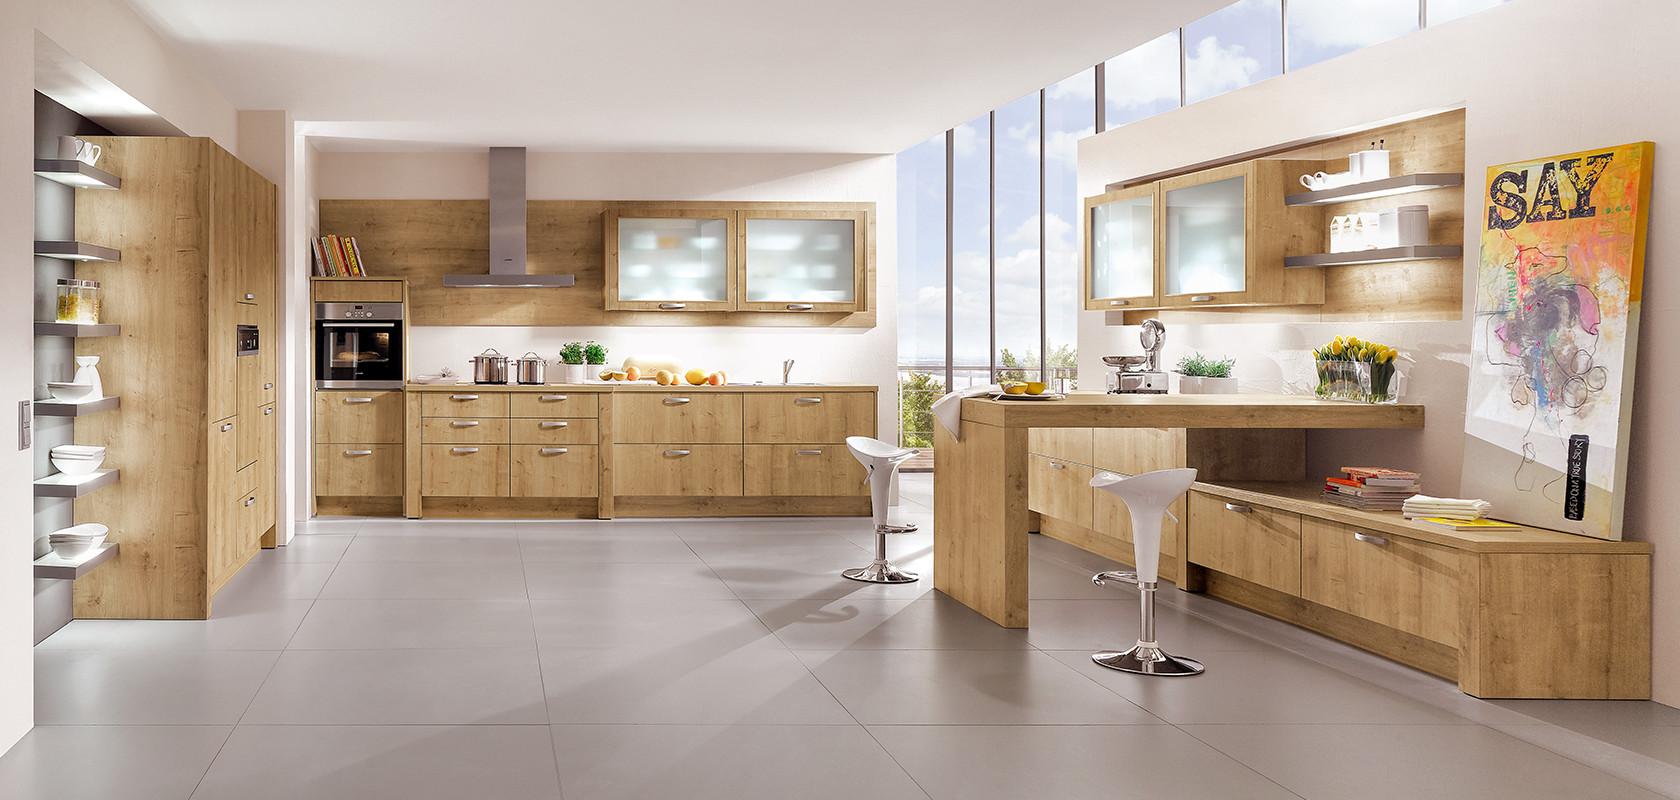 Nobilia Küchen 2019 | Test, Preise, Qualität, Musterküchen